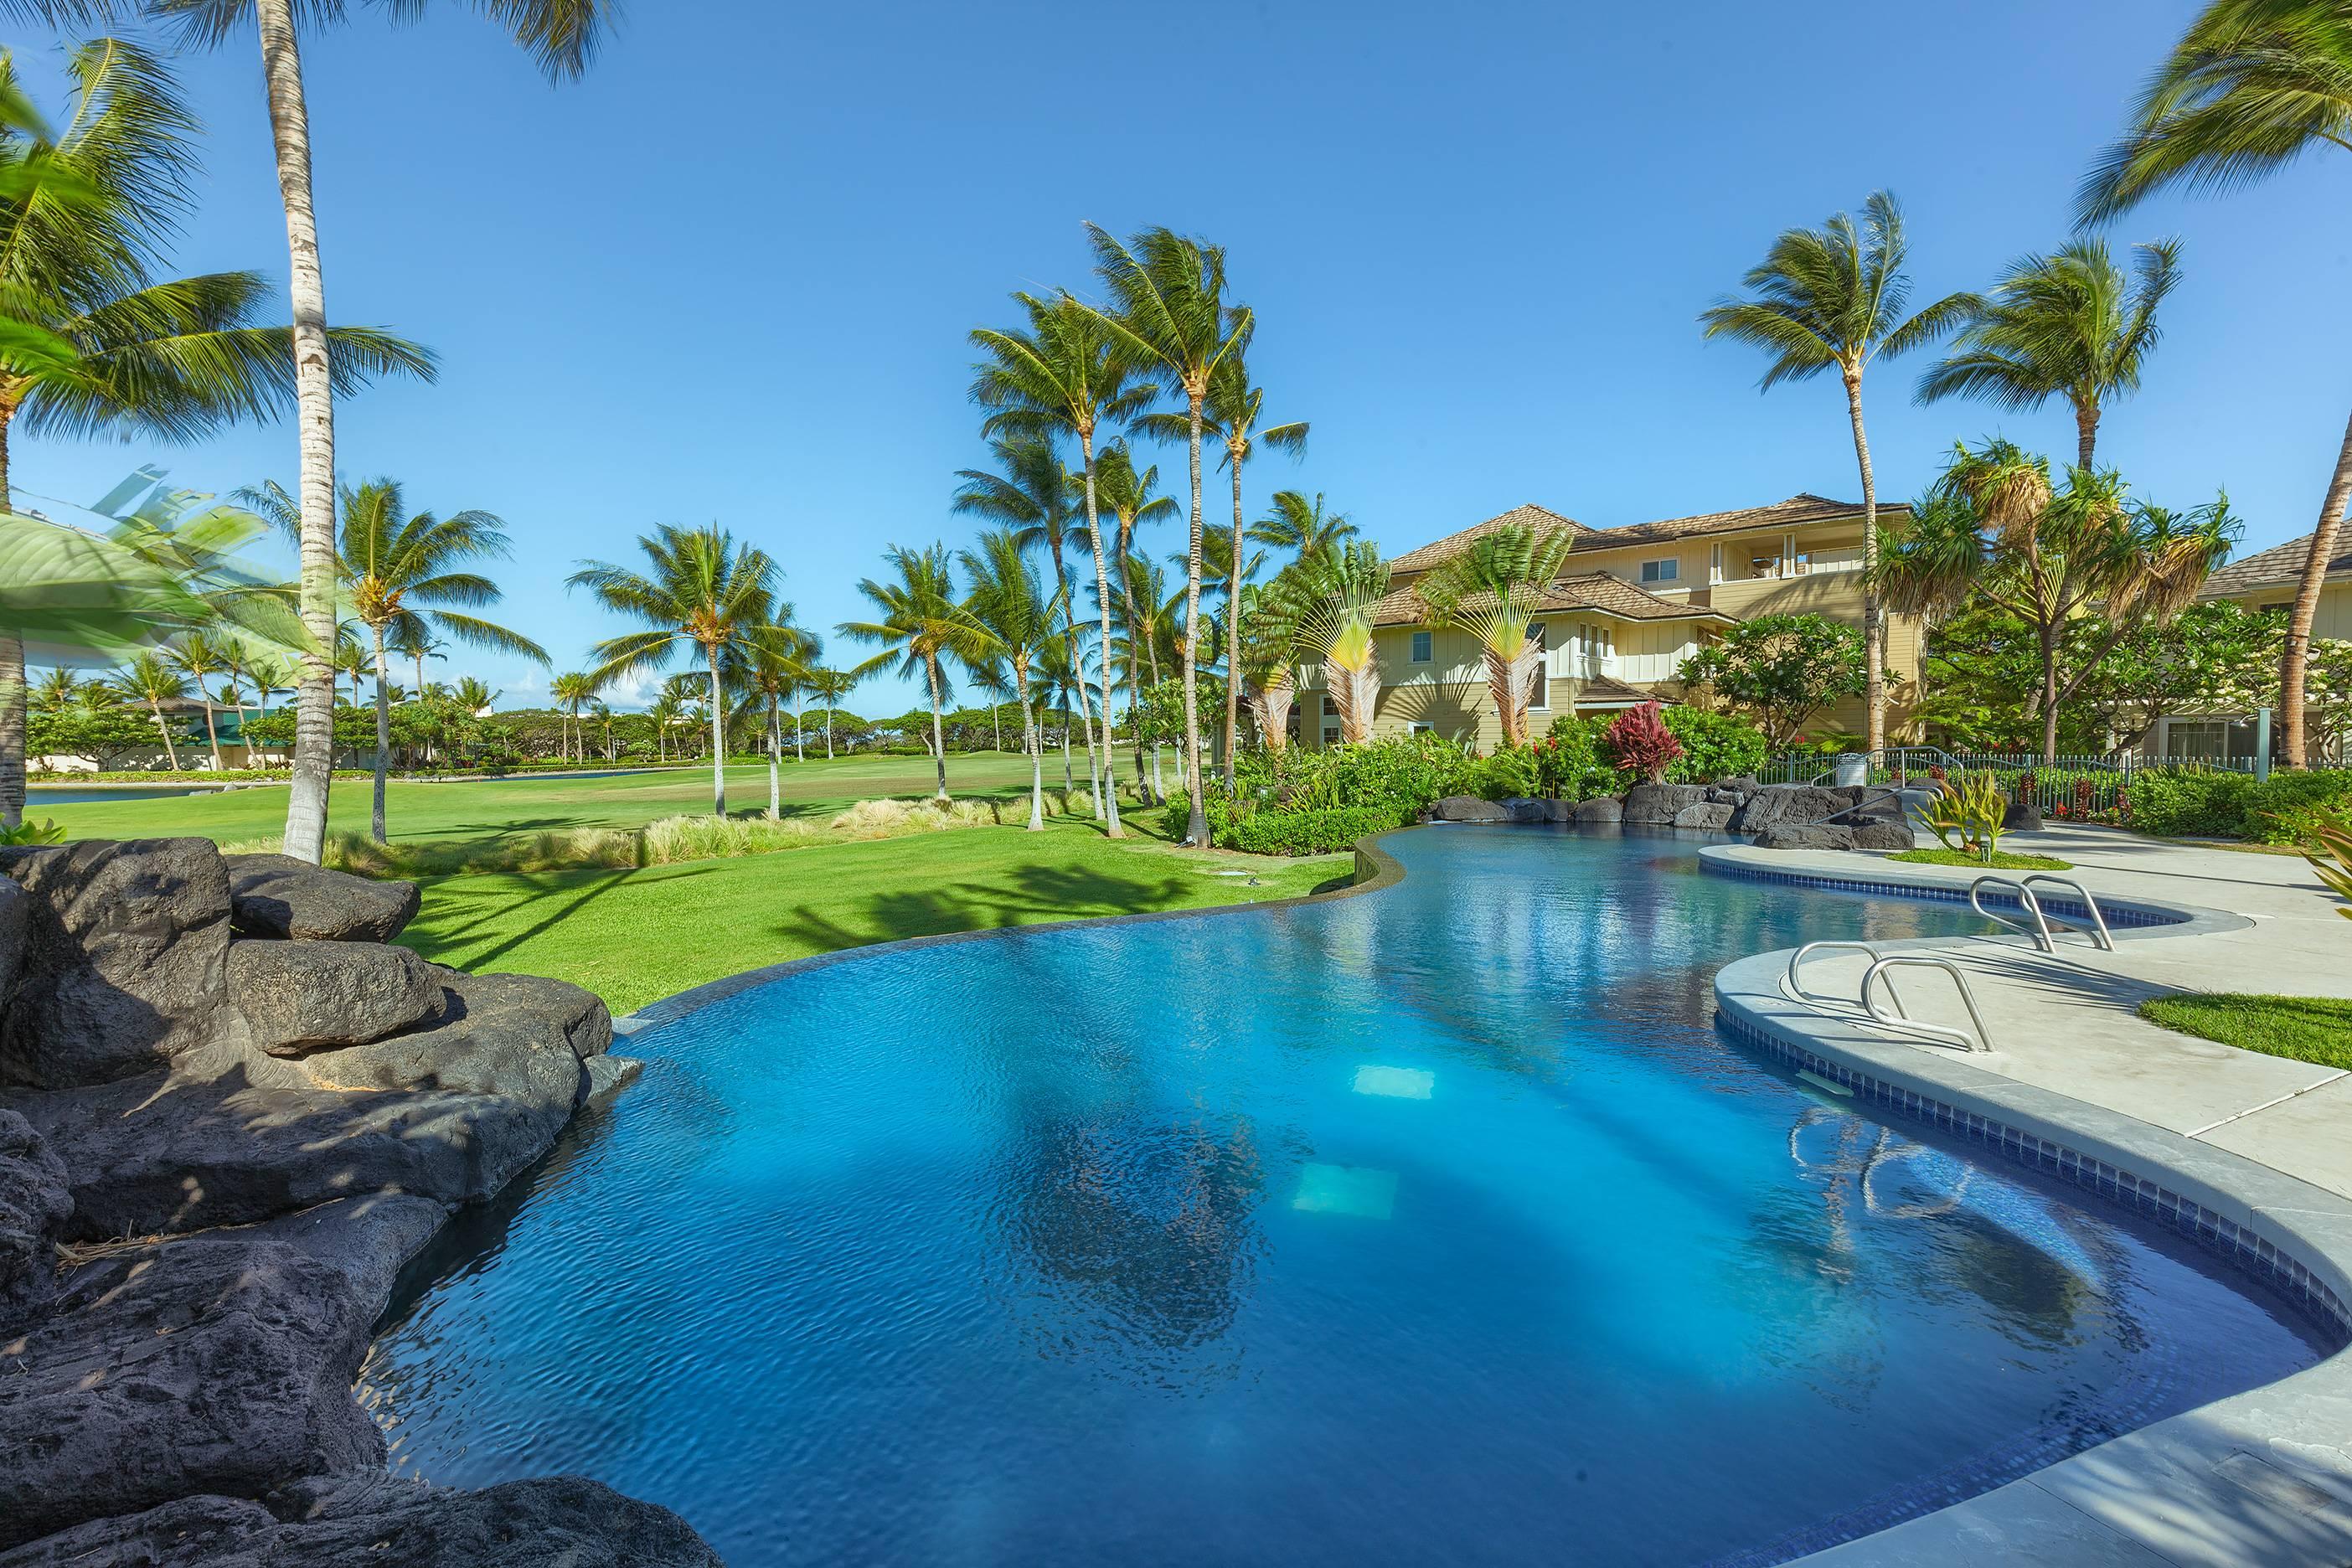 Fairway Villas At Waikoloa Island